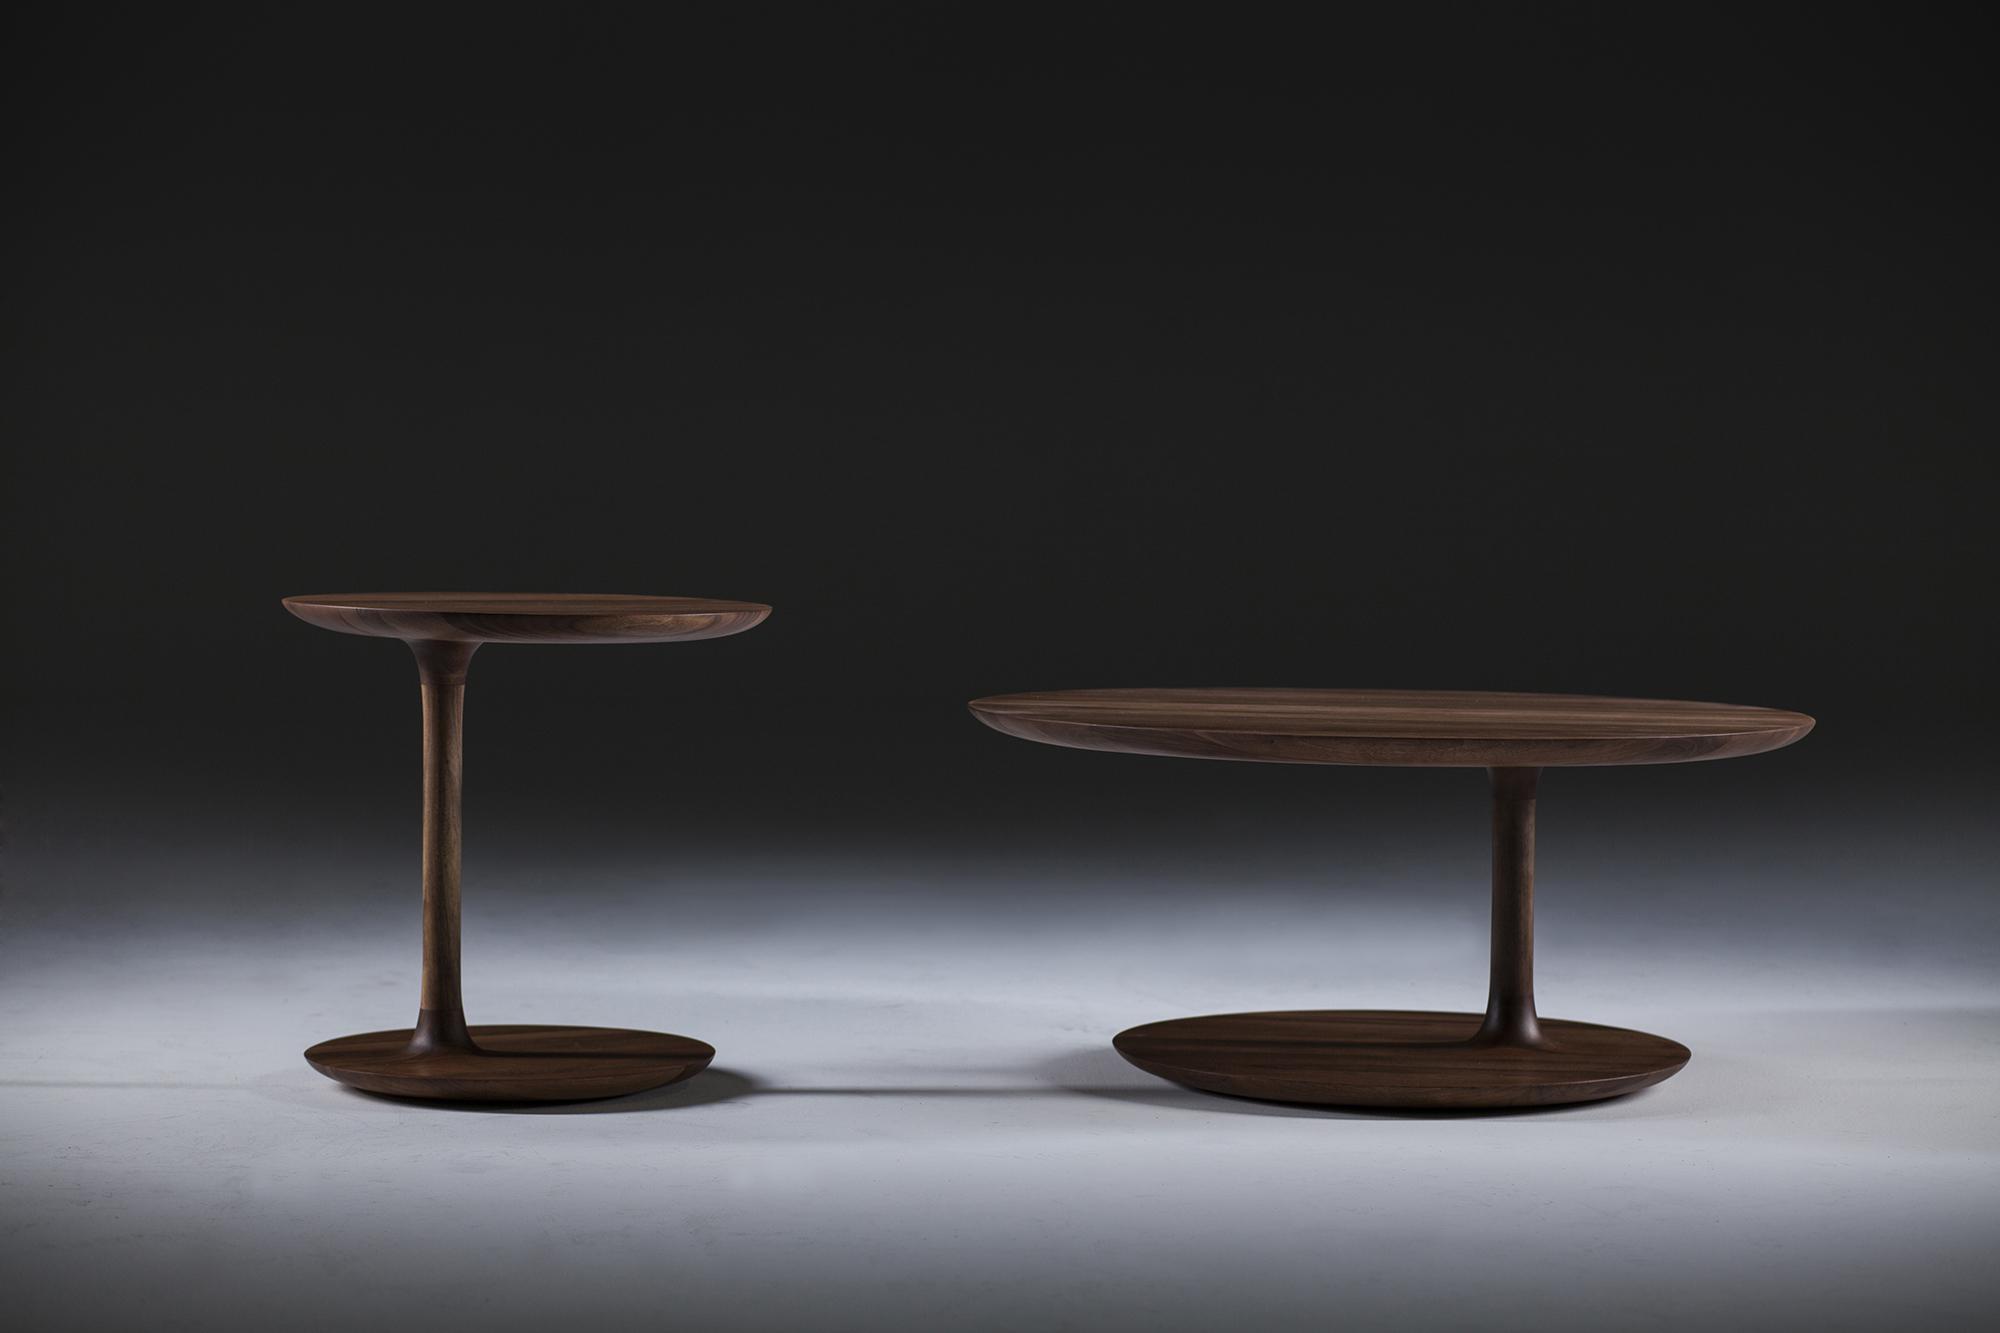 Regular company bloop coffee table bloop coffee table designed by regular company geotapseo Choice Image